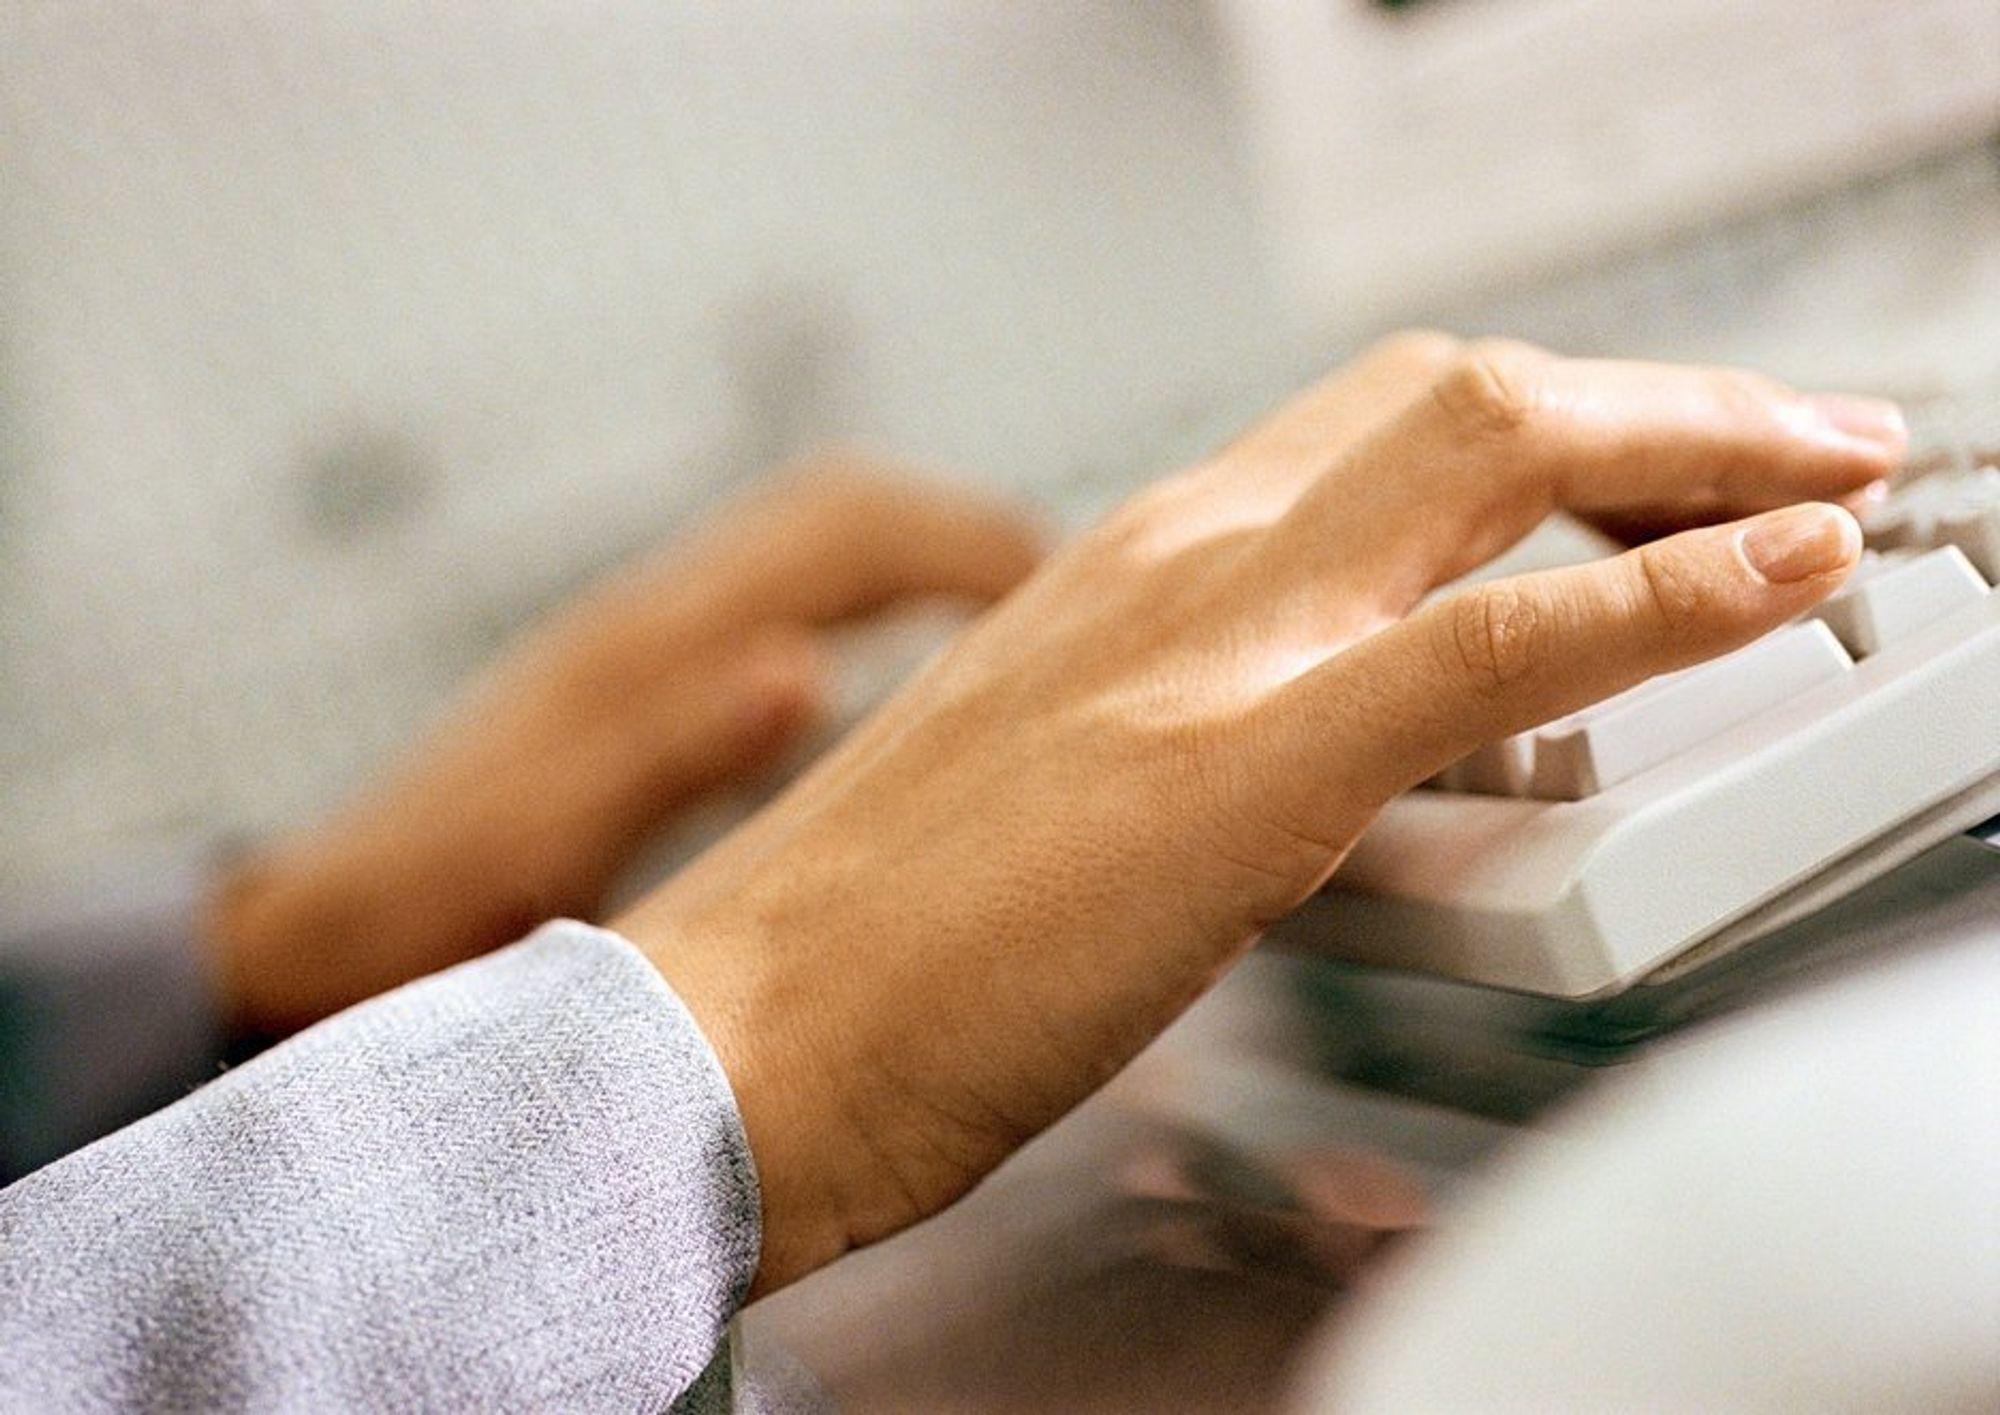 Tastatur. Skrivebord. PC. Data. IT. IKT. Taste. Skrive. Kunnskapsbedrifter. Kunnskapsintensiv.